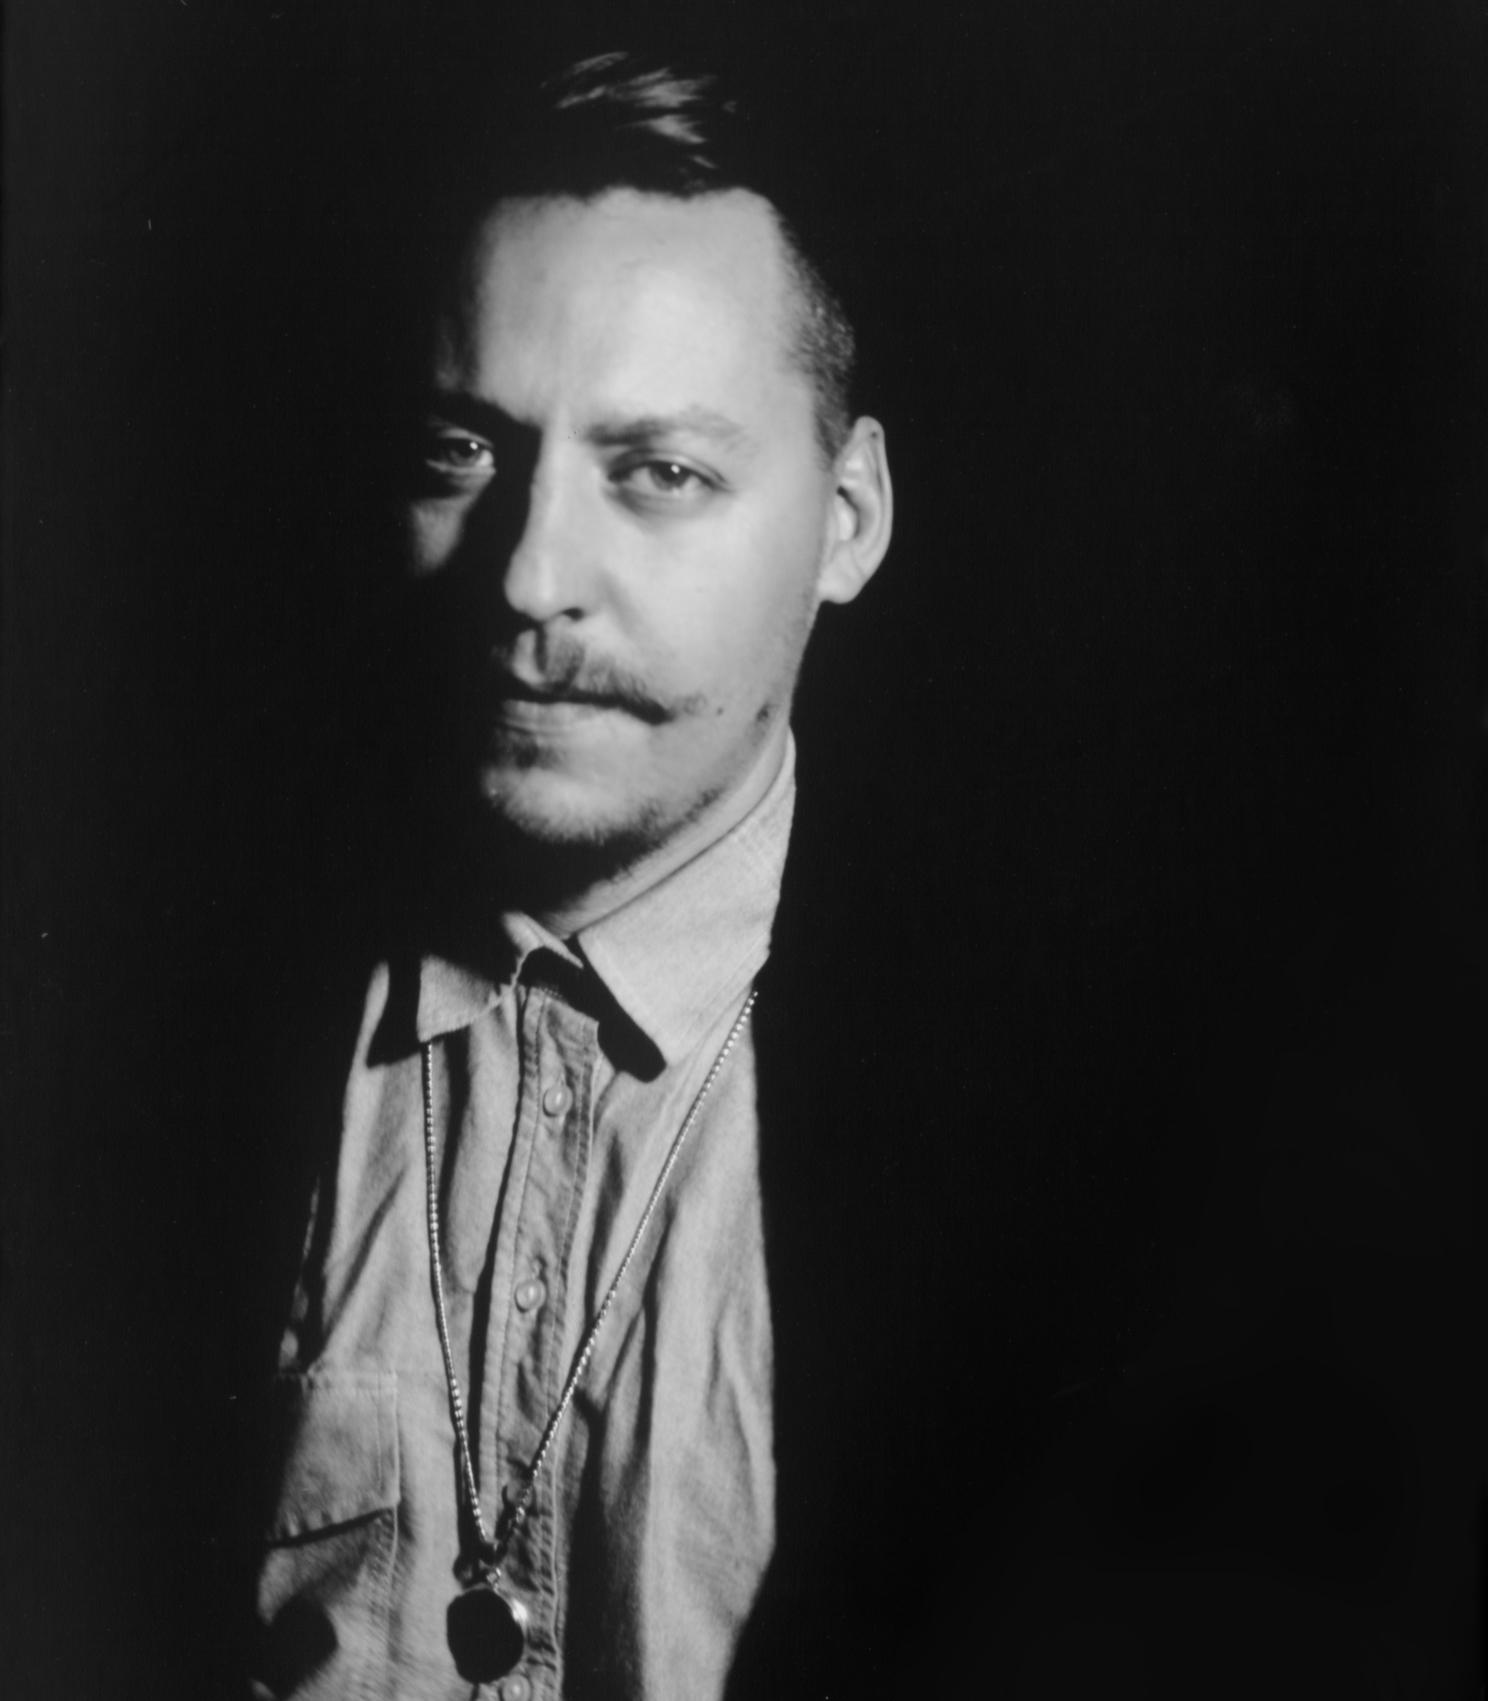 Egidijus Godliauskas